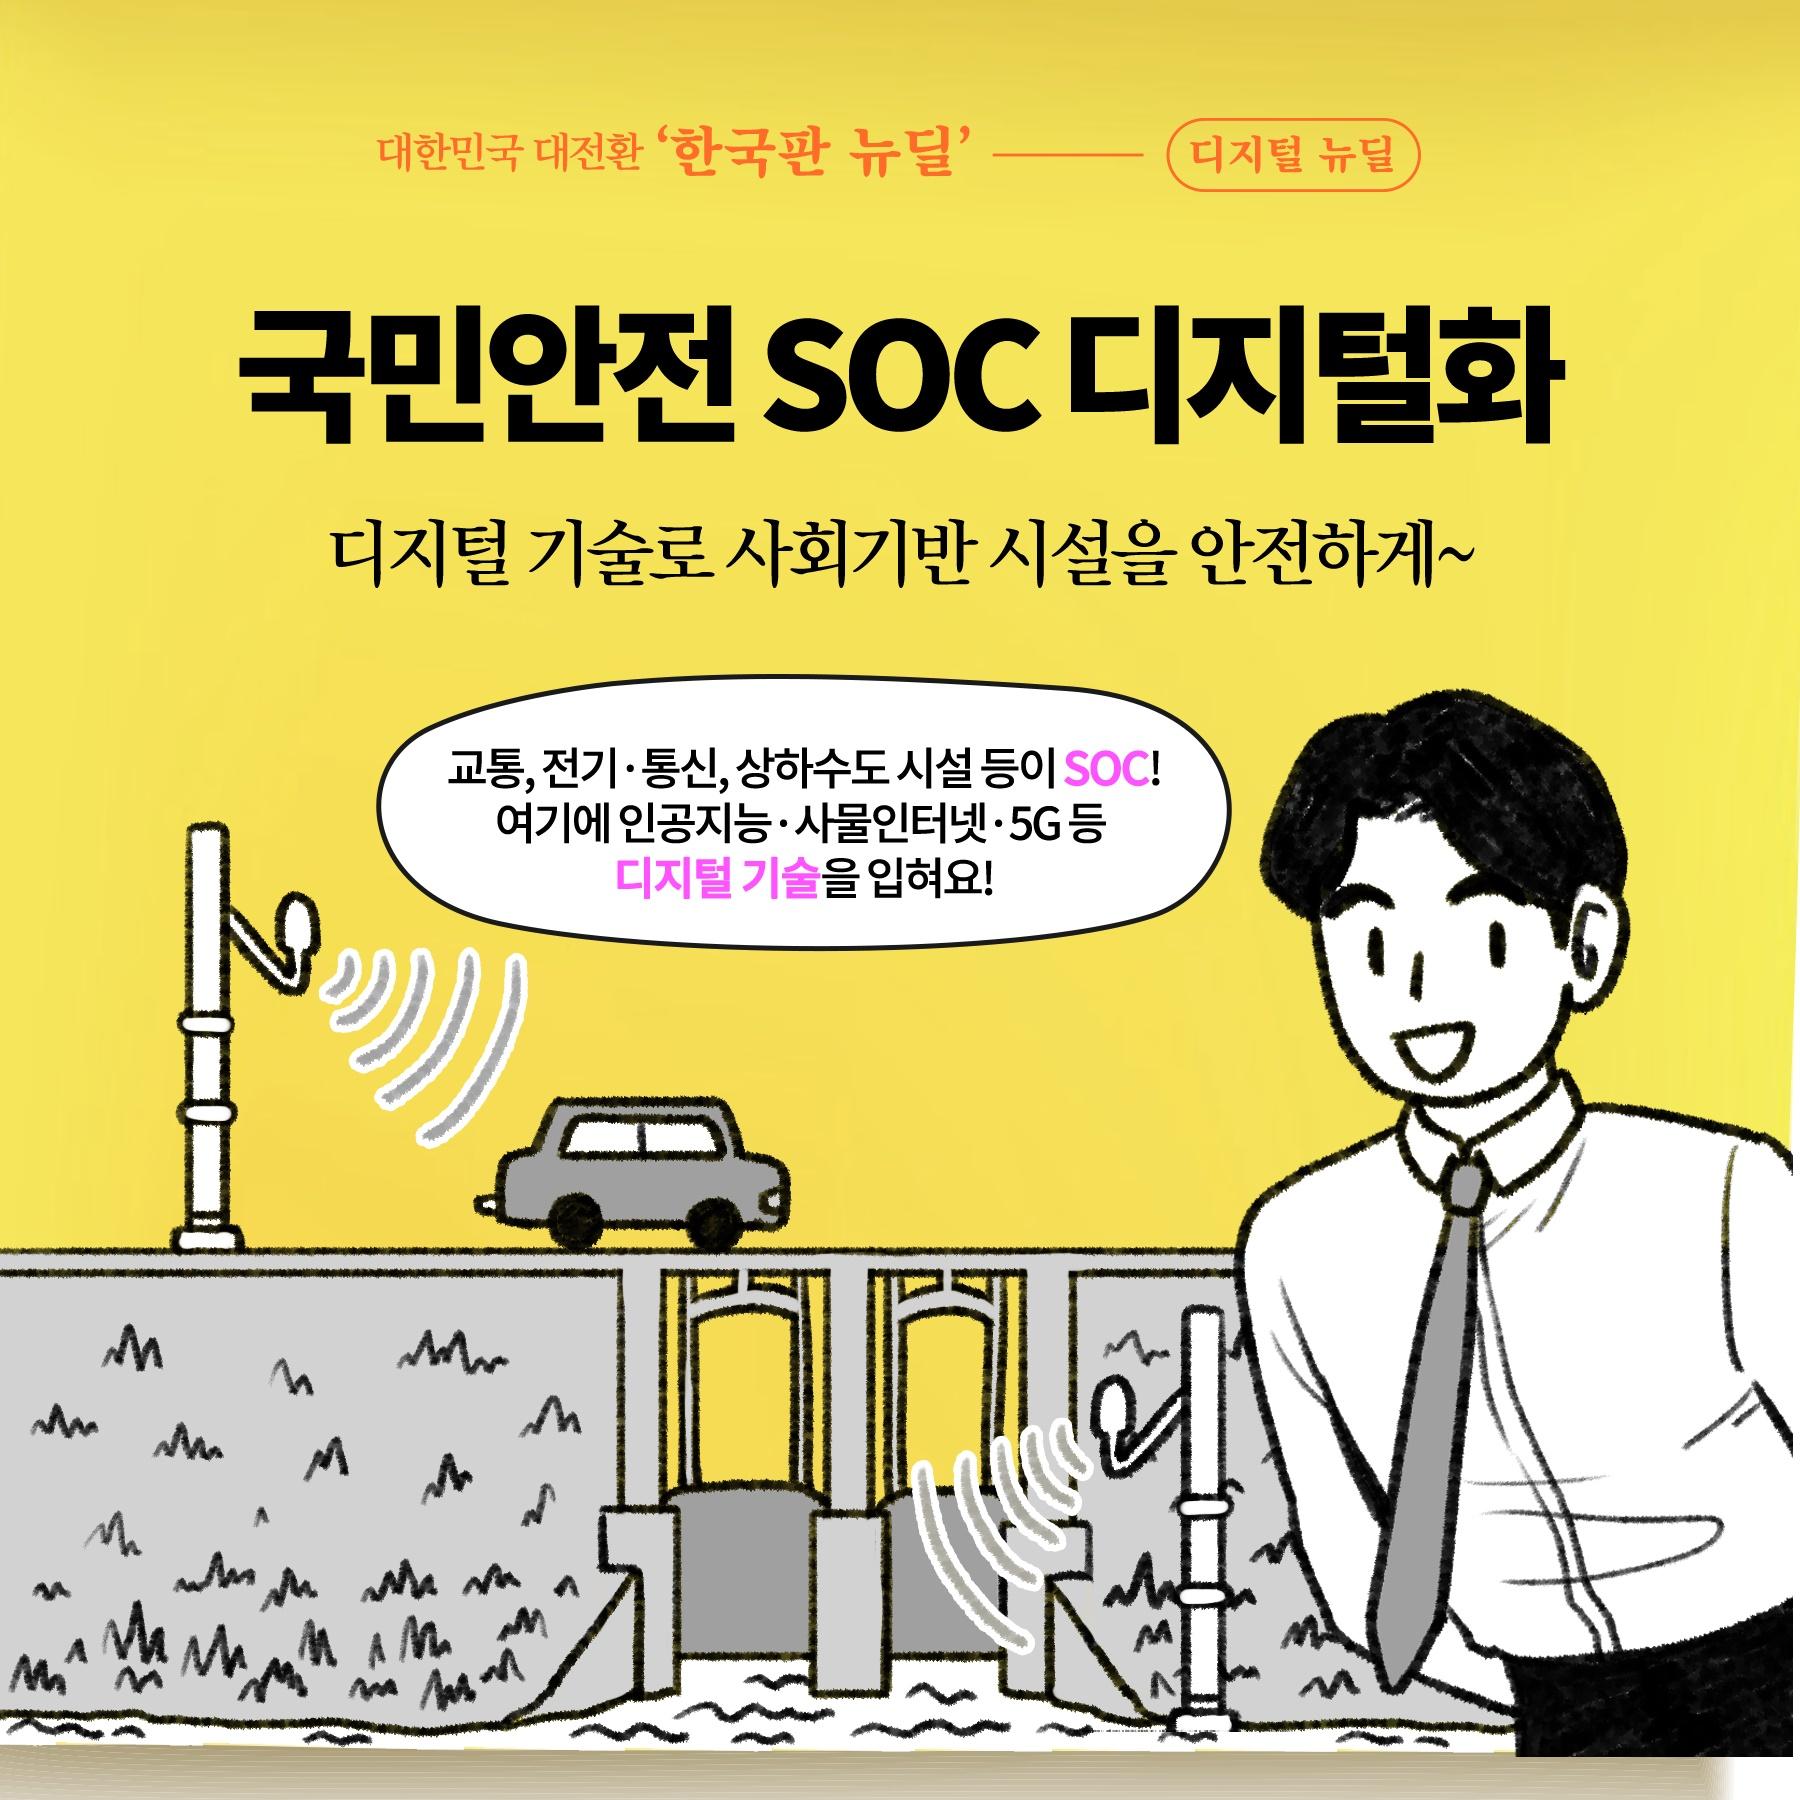 국민안전 SOC 디지털화